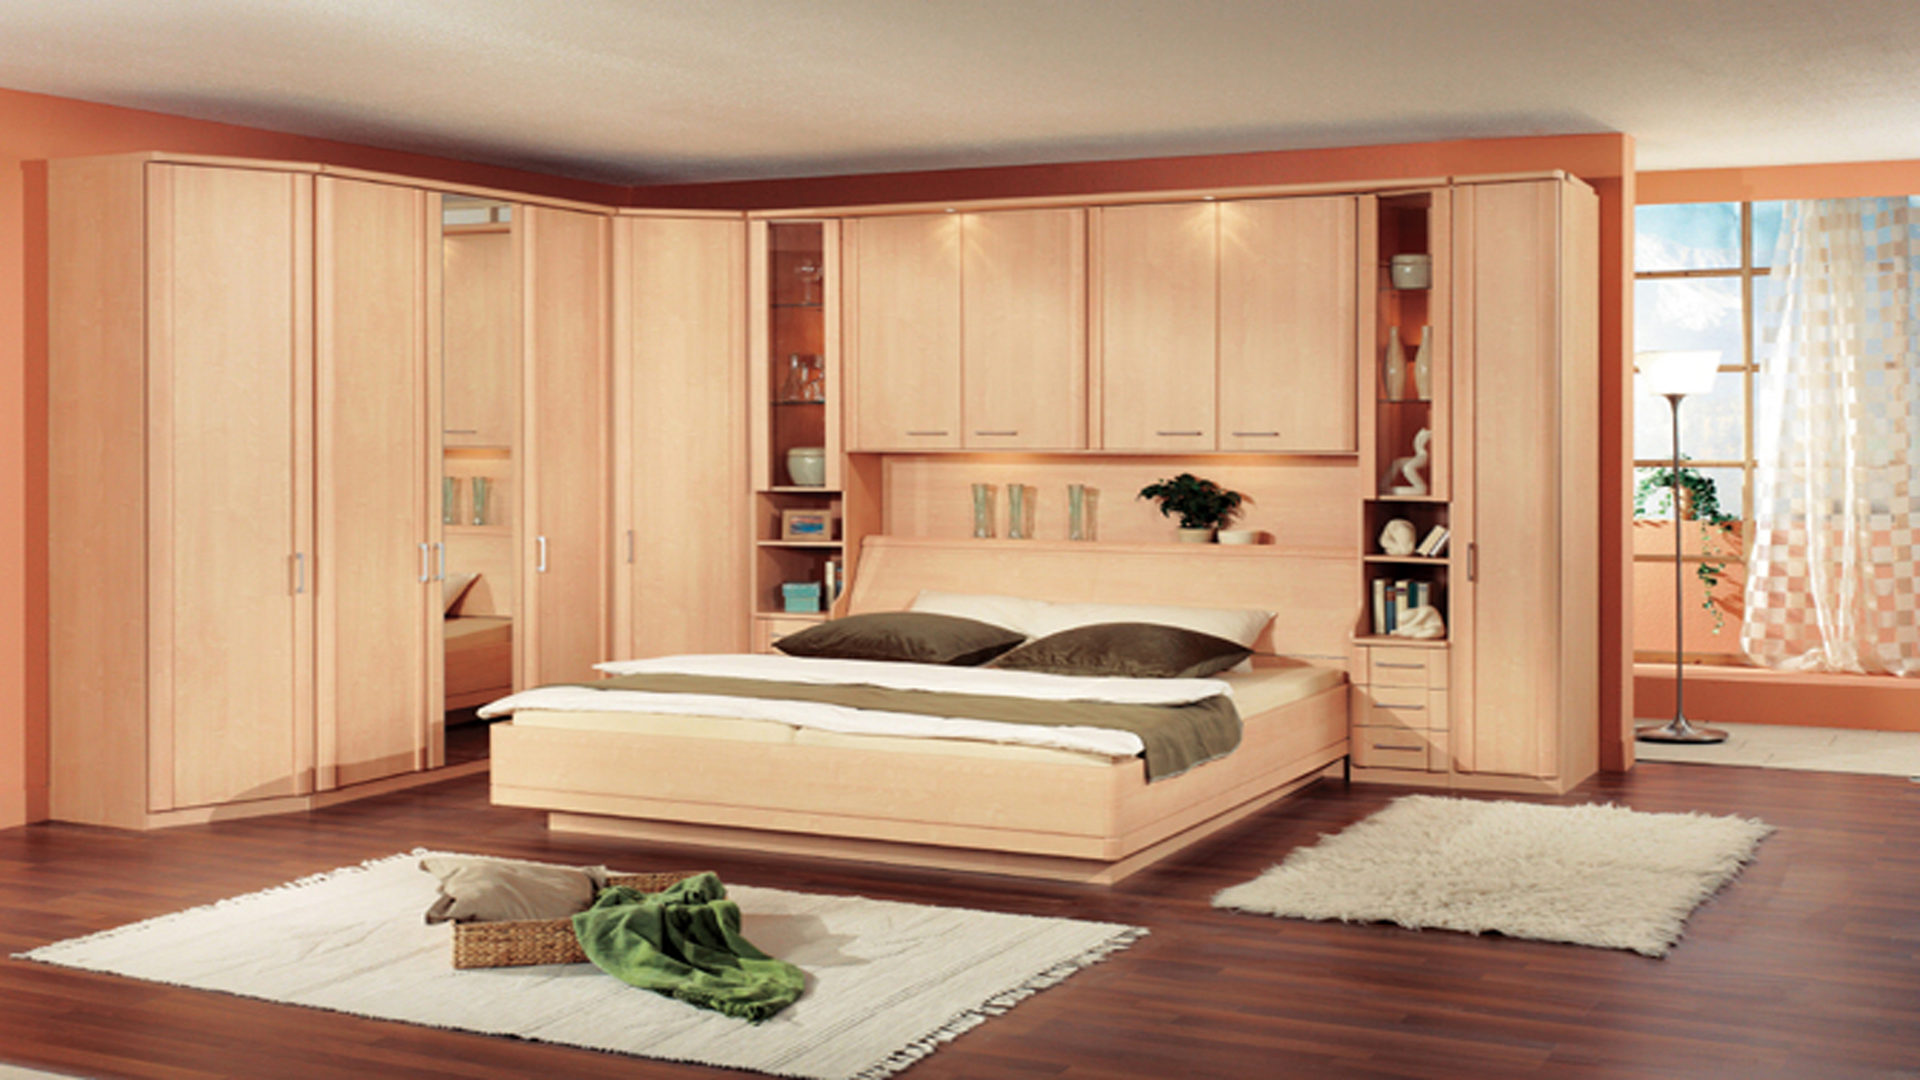 BBM Parchim Markenshops Standort Parchim Schlafzimmer Luxor - Schlafzimmer luxor